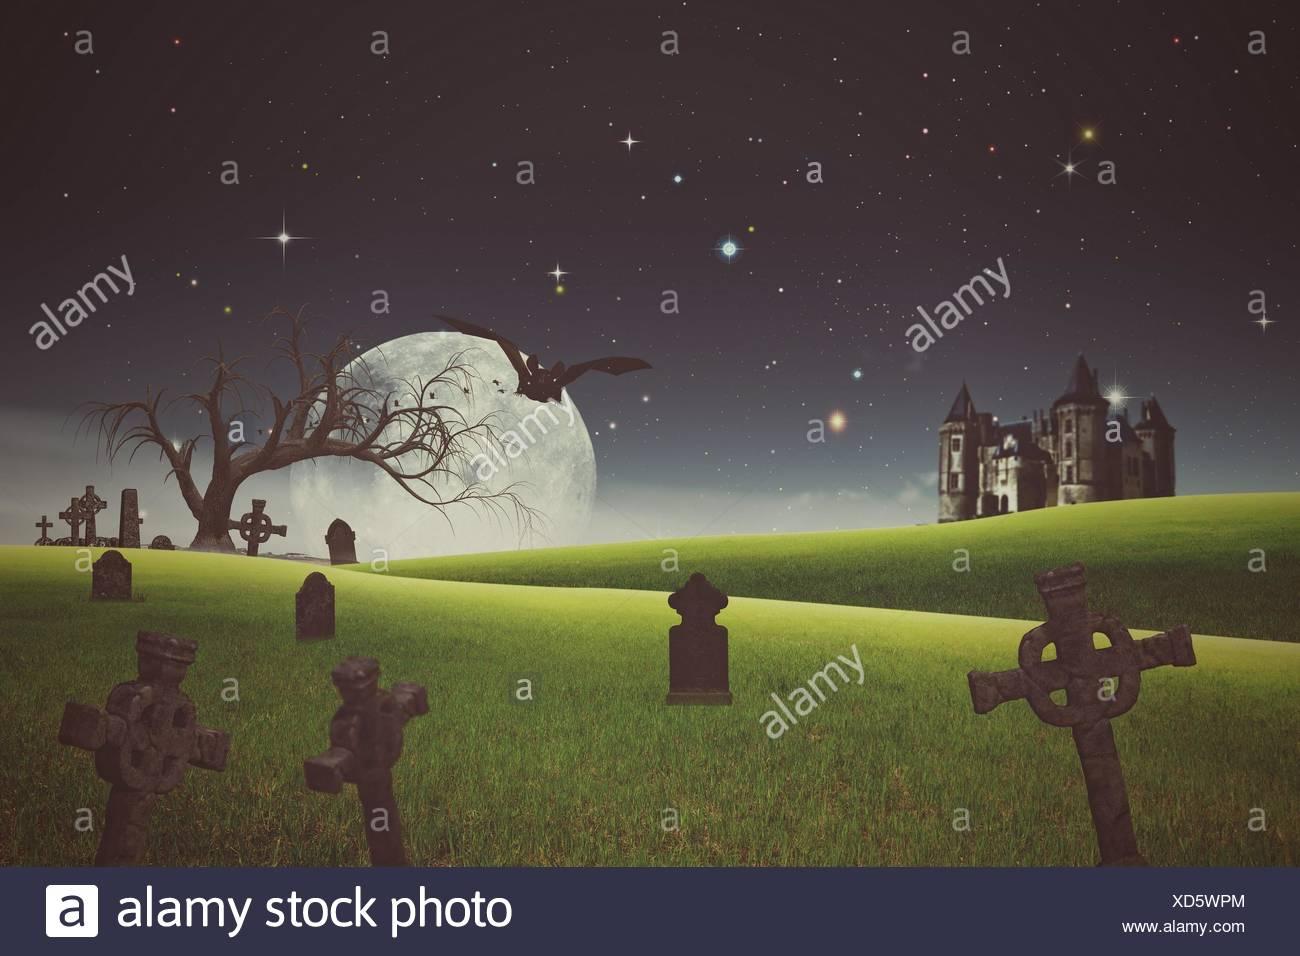 Origines de l'Halloween à l'ancien cimetière et château abandonné. Photo Stock